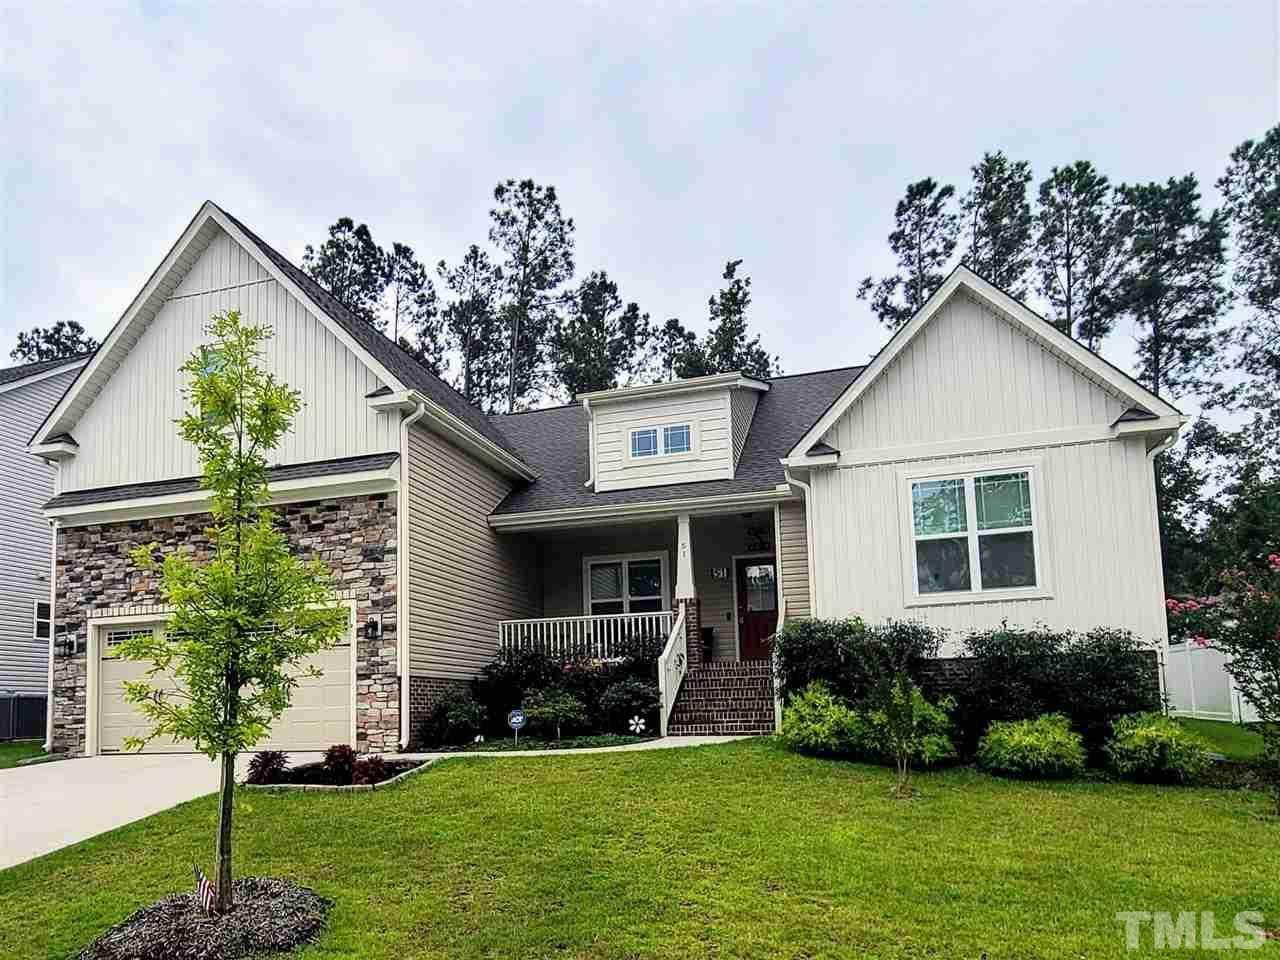 51 Saddleback Way, Clayton, NC 27527